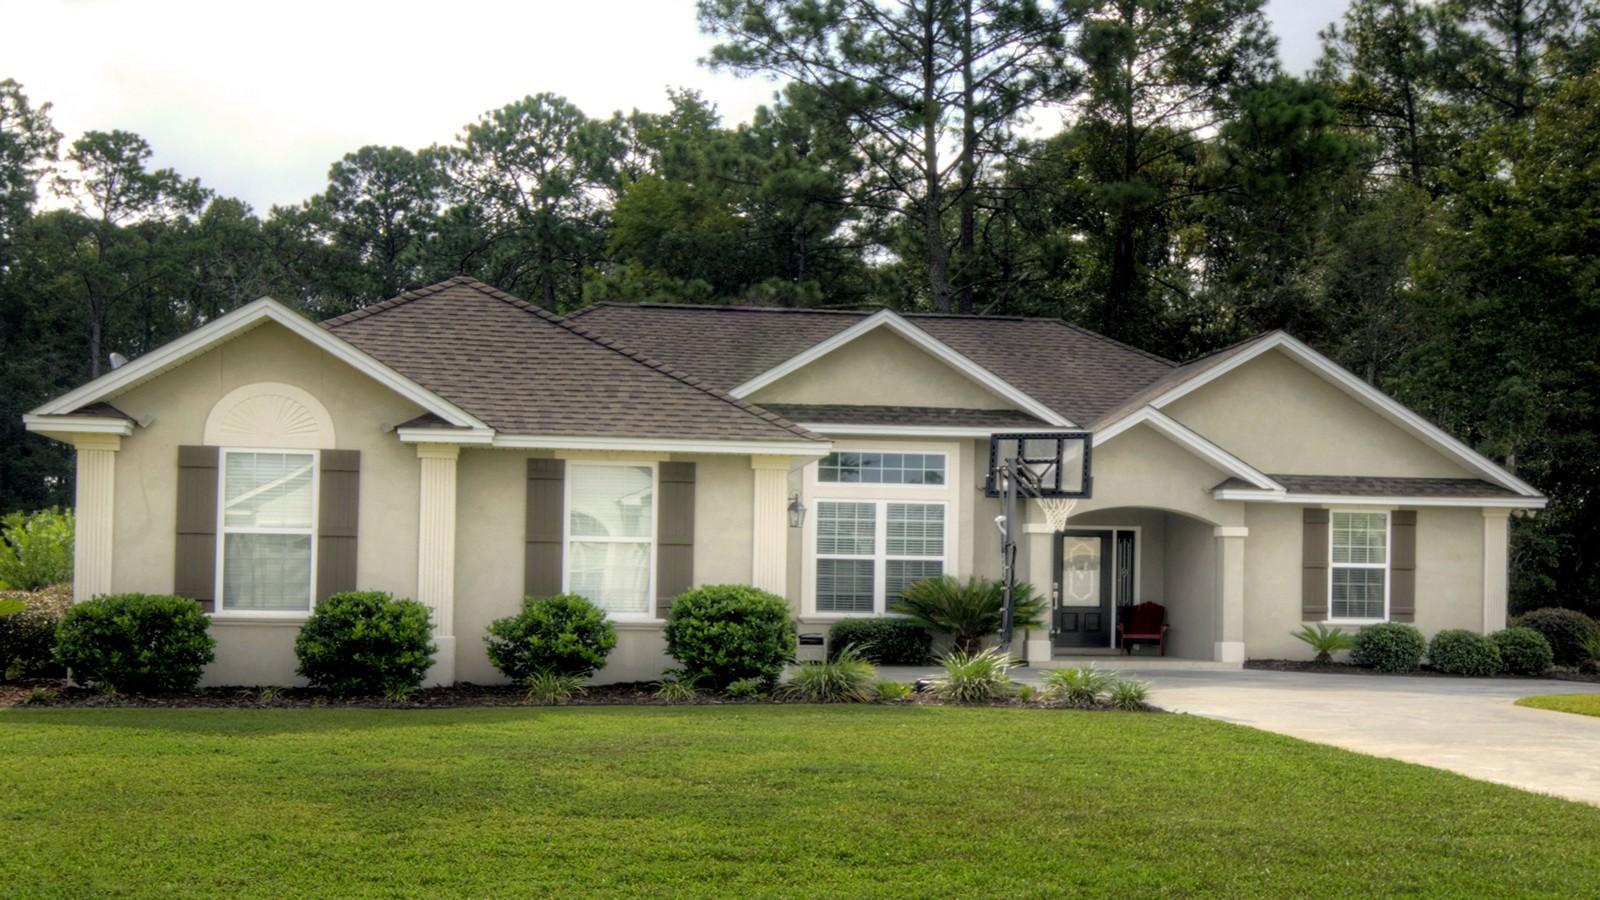 Maison unifamiliale pour l Vente à 560 Freedom Trail Brunswick, Georgia 31525 États-Unis